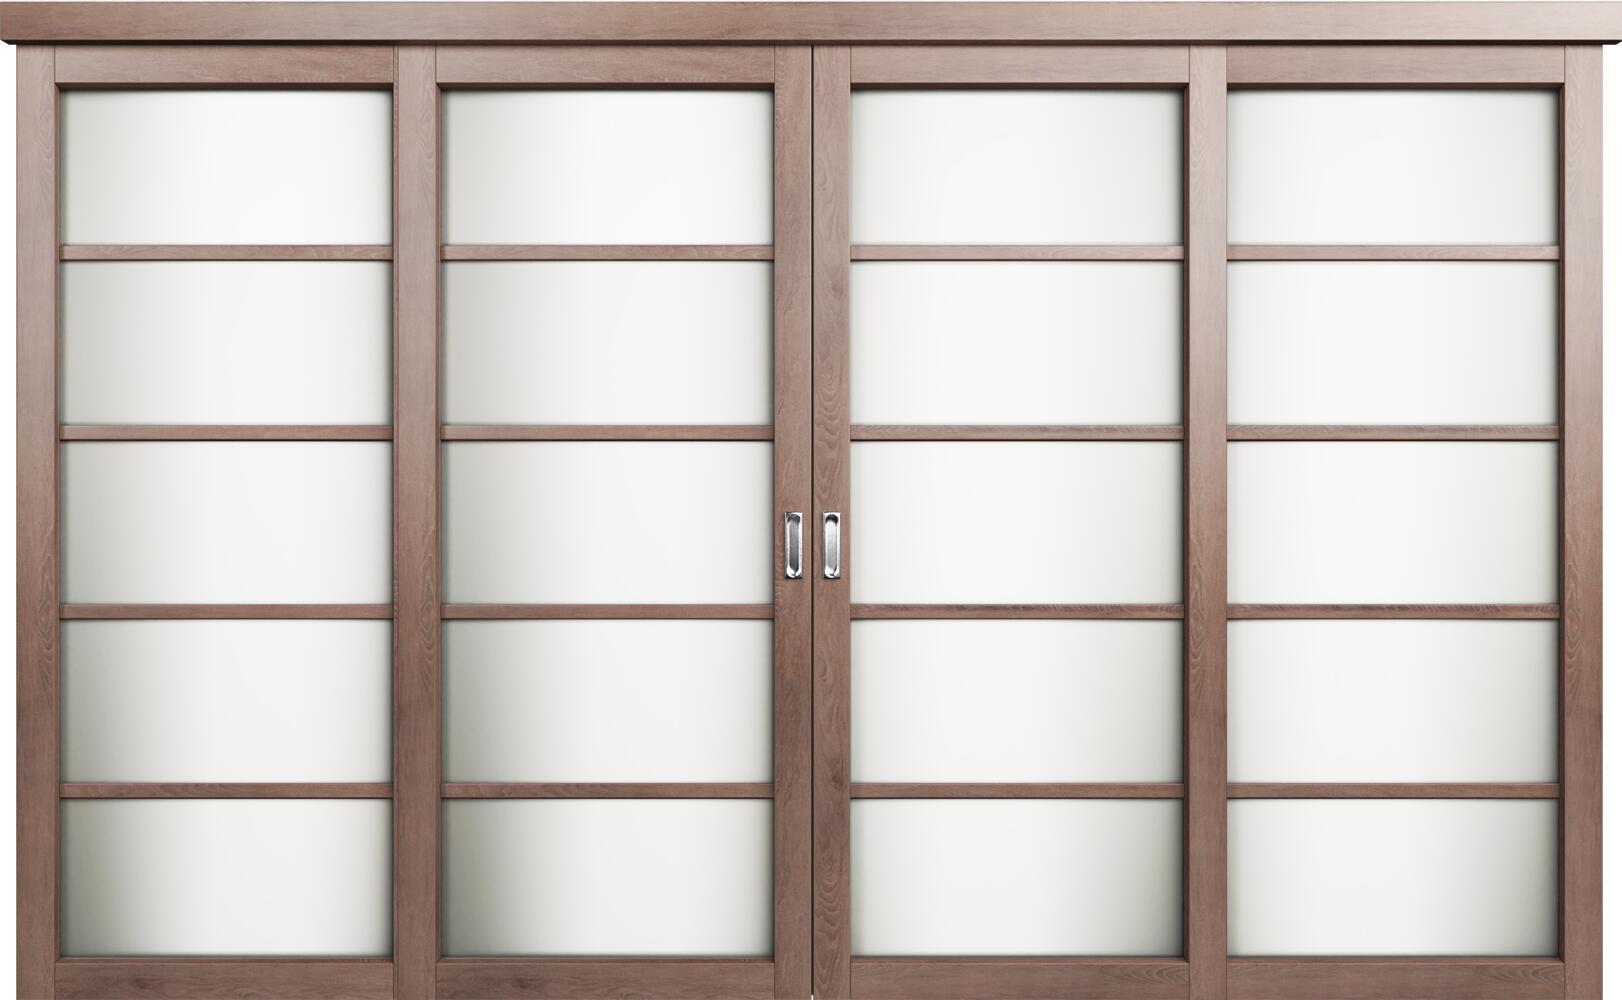 Коллекция Перегородки Двухполосная раздвижная система для 4-х полотен. Тип 1 Дуб капучино + Триплекс белый